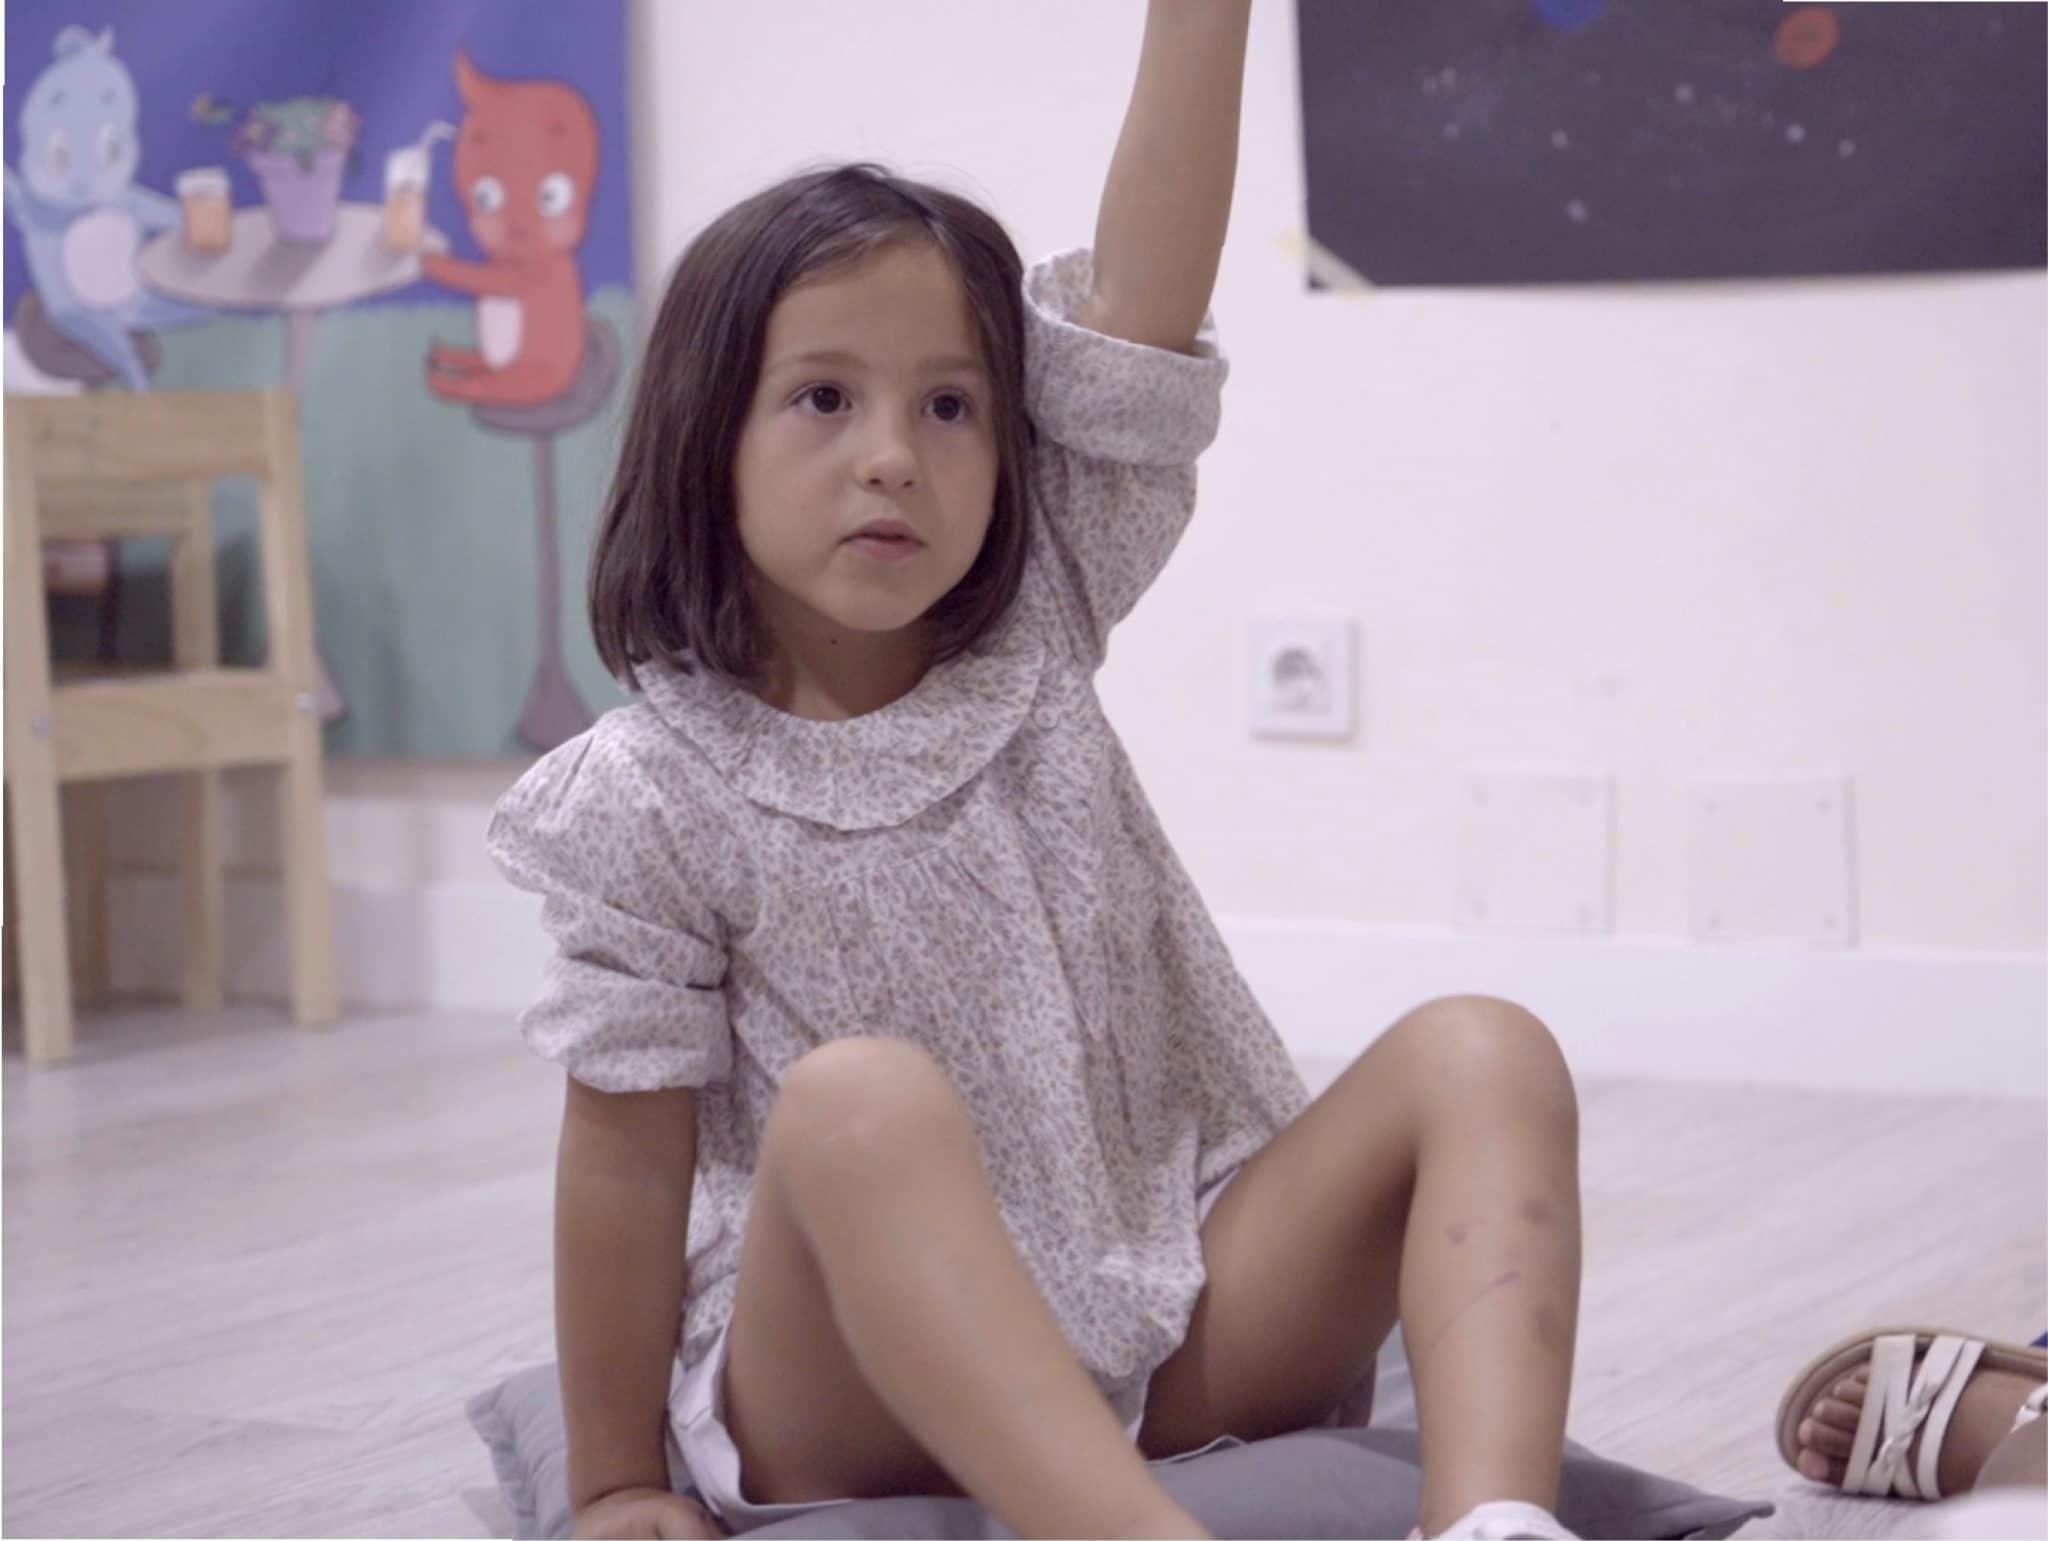 Importancia de aprender inglés en edades tempranas